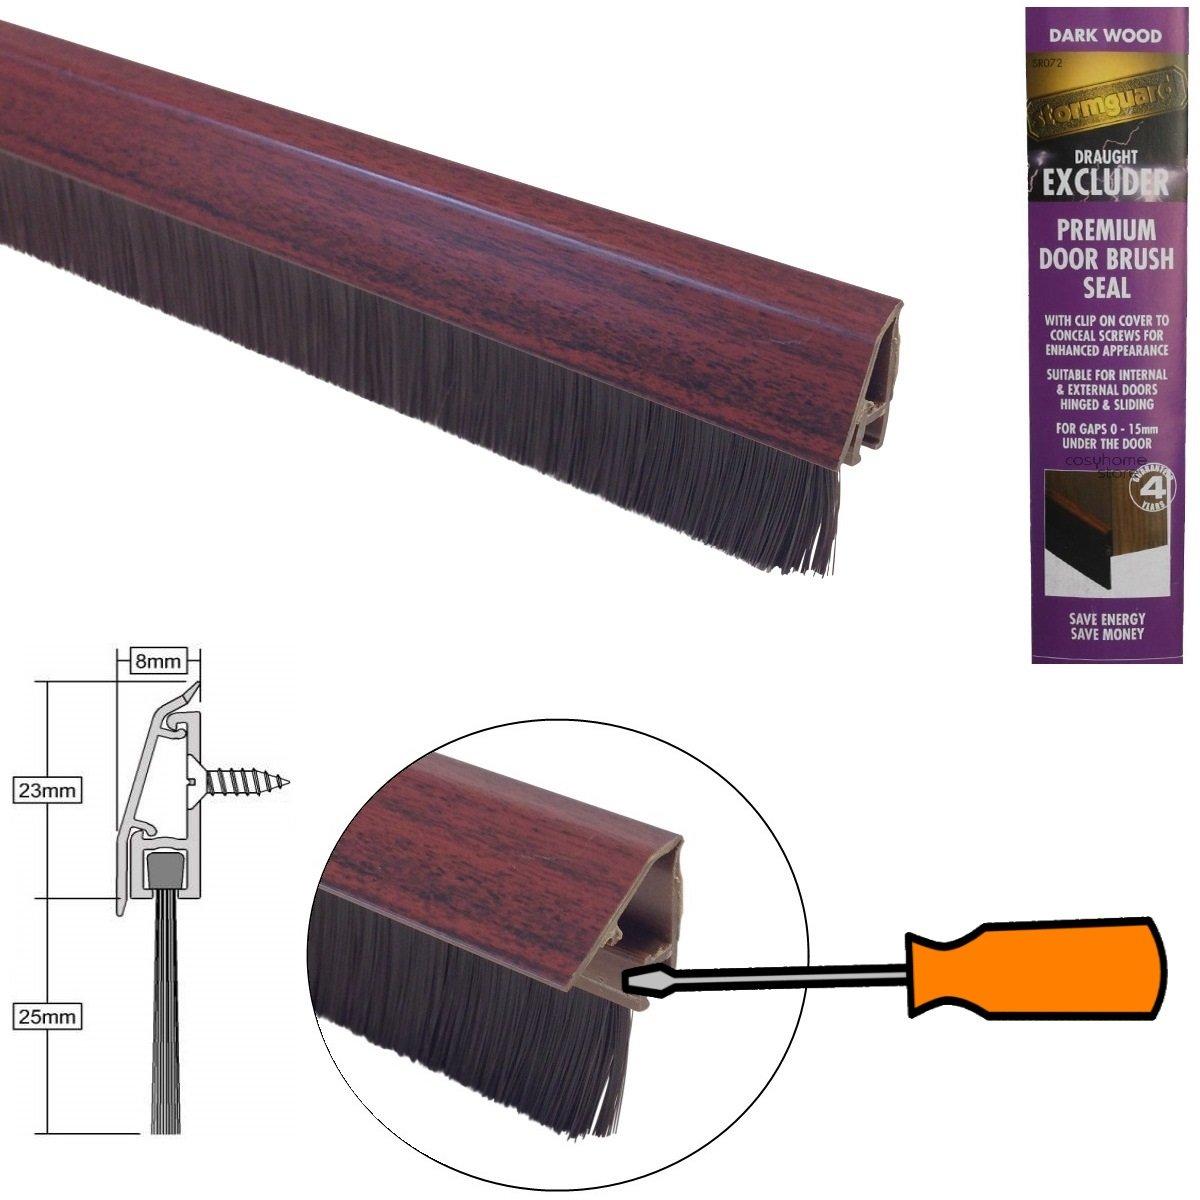 Inferior puerta cepillo de sellado con tapa de fijación oculta y color correspondiente cepillo - efecto madera oscura 838mm: Amazon.es: Bricolaje y ...